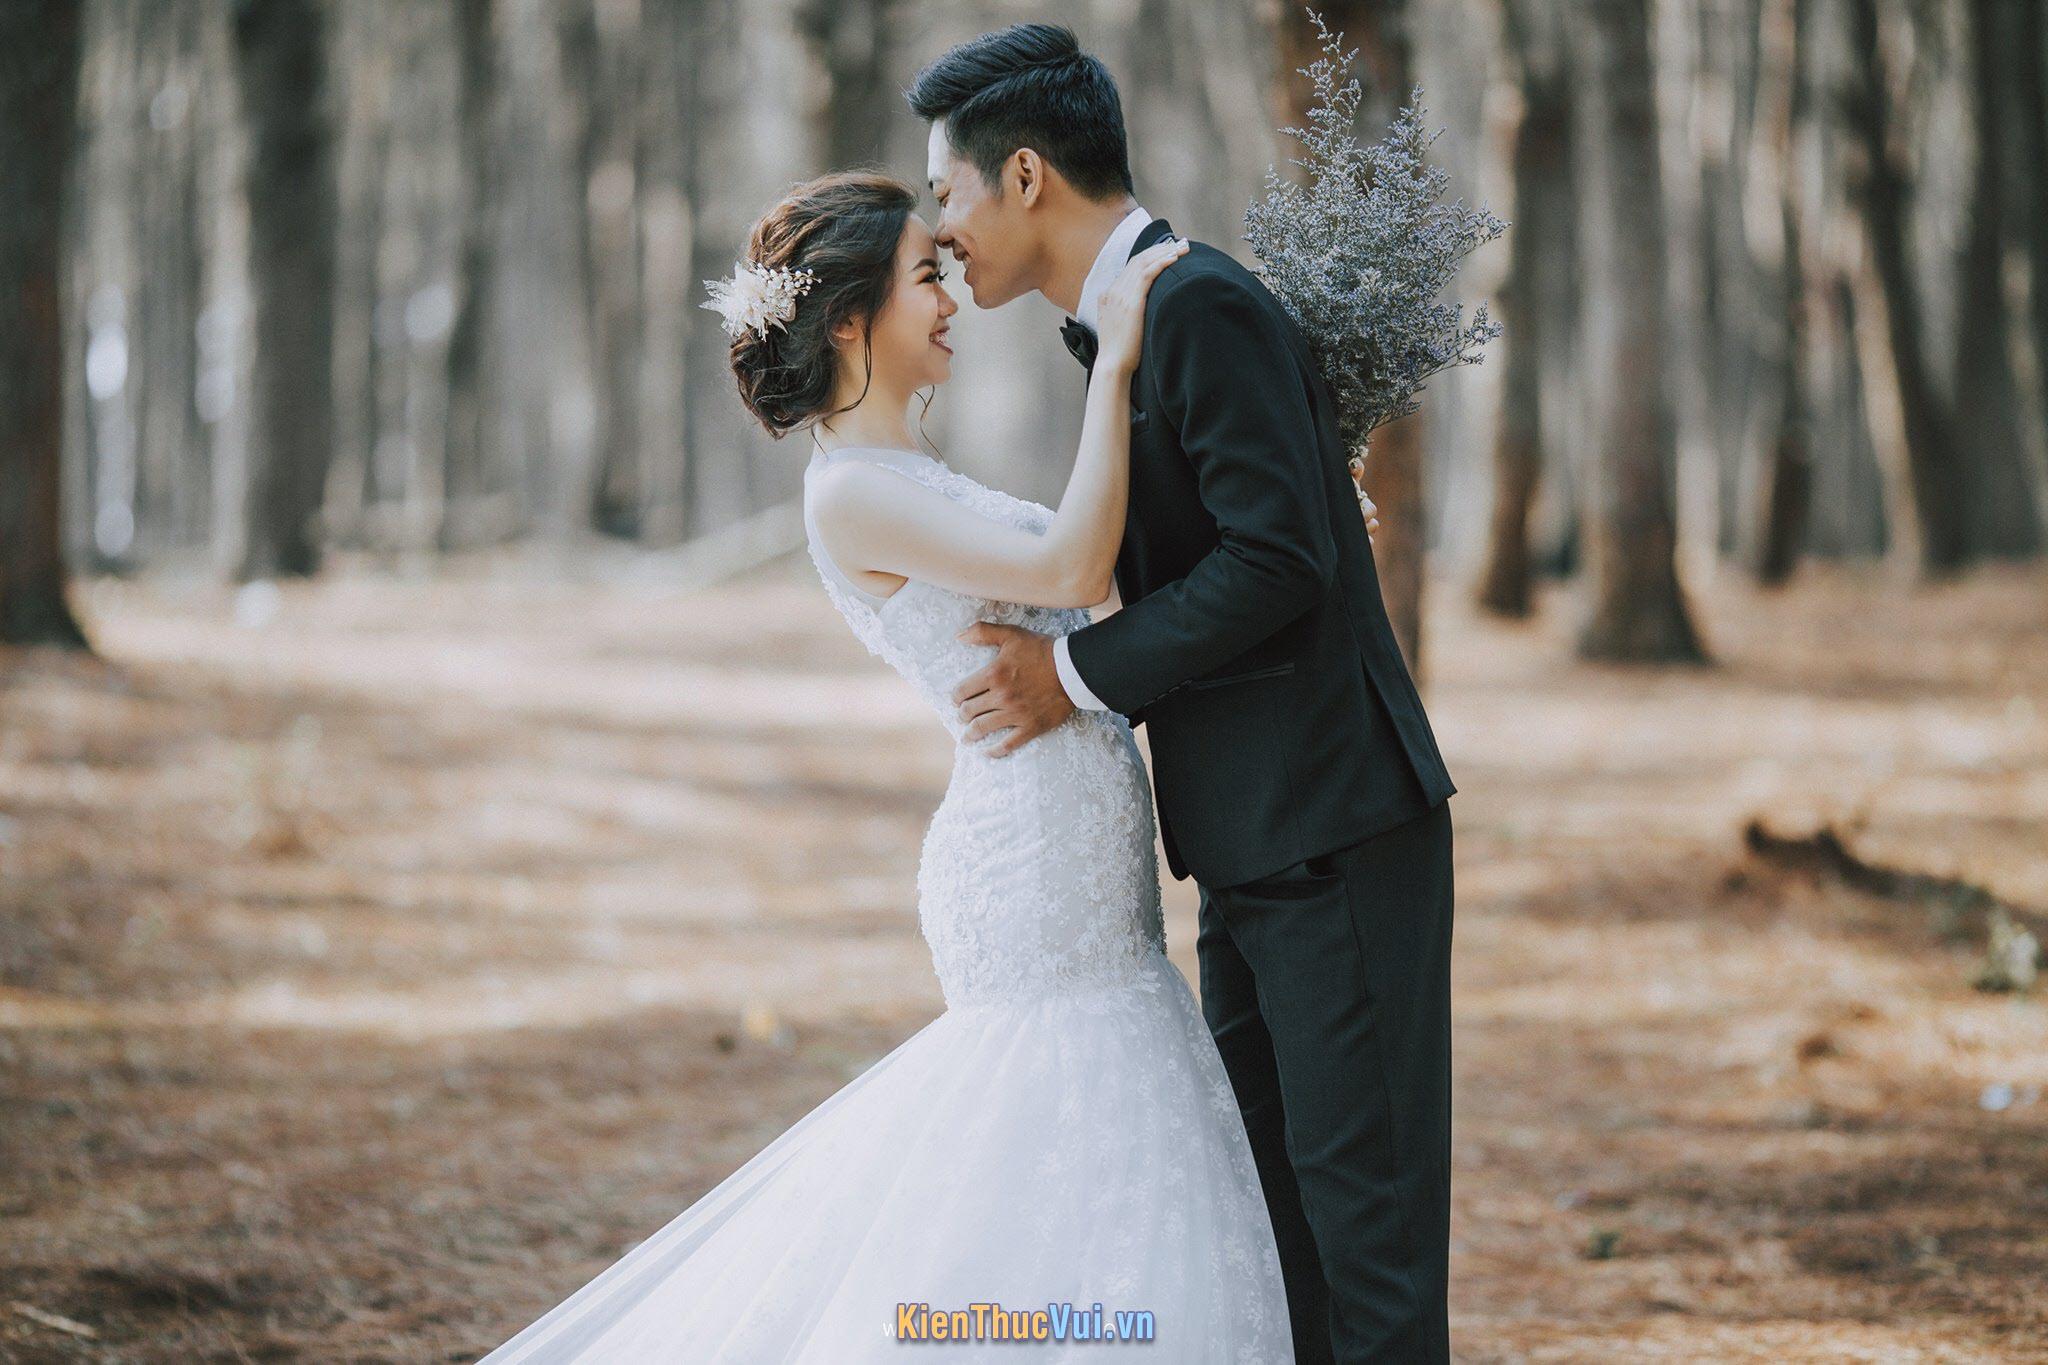 Đám cưới trên đường quê